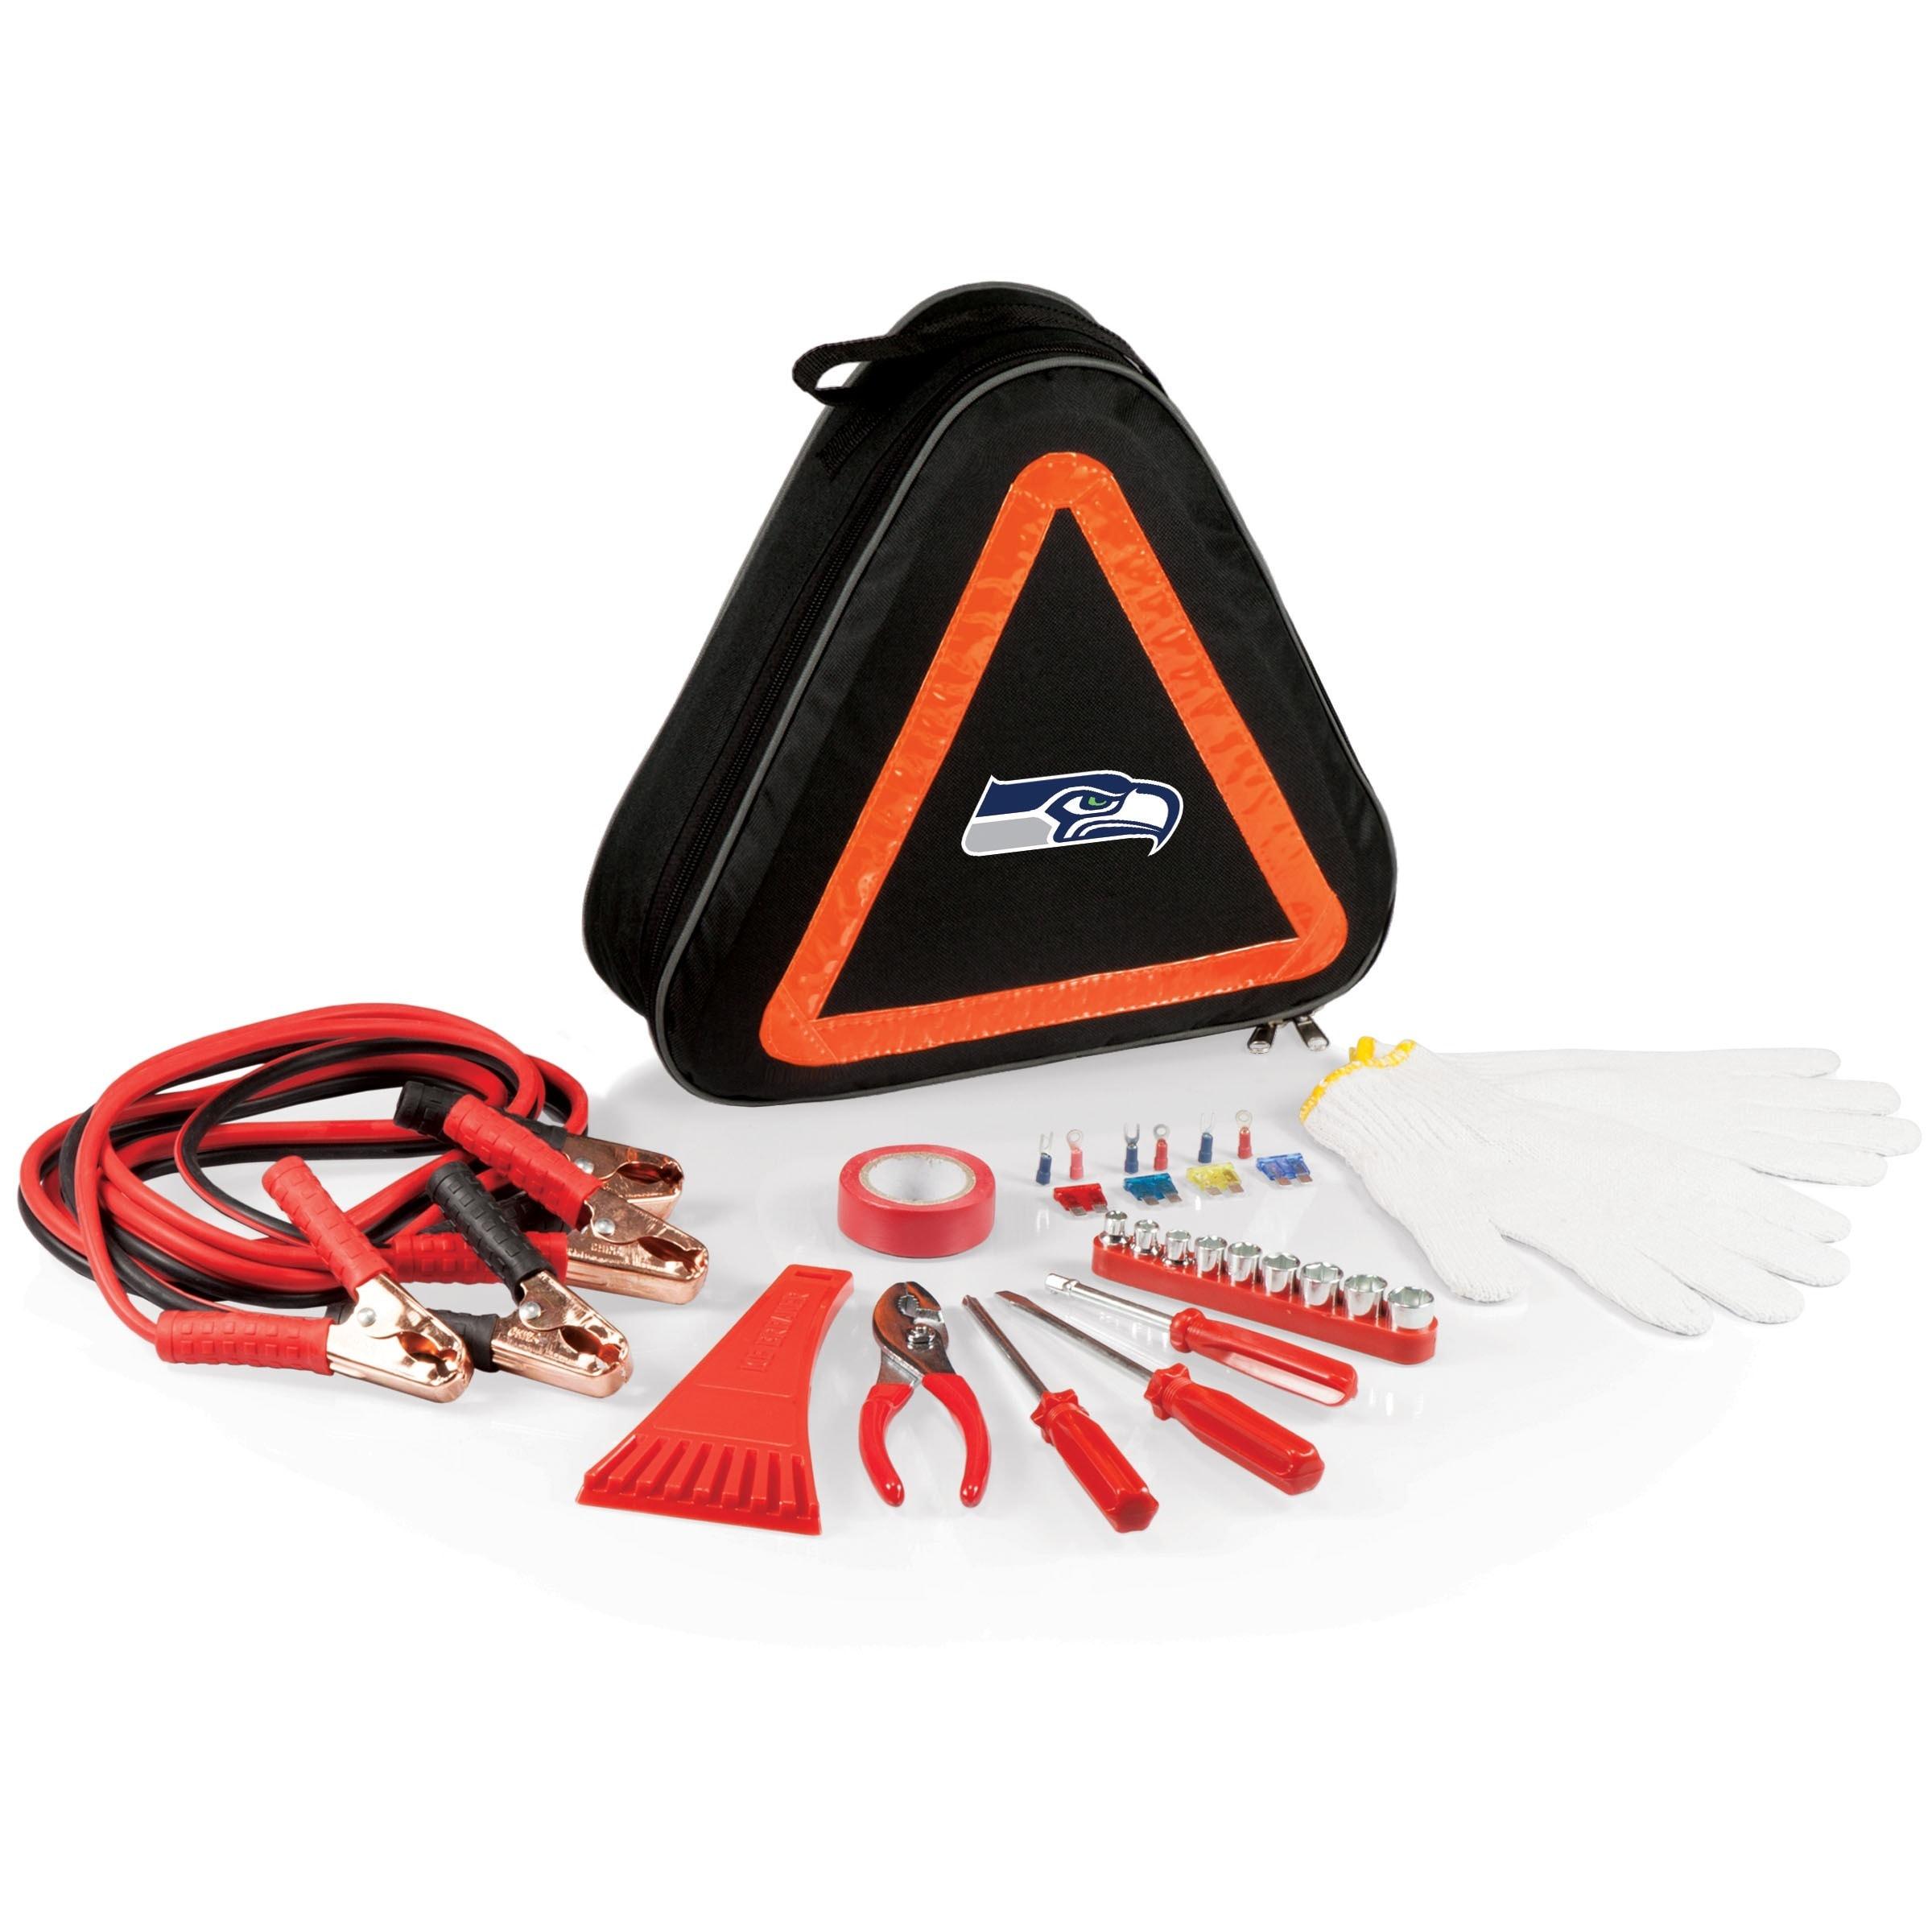 Oniva Picnic Time Seattle Seahawks Roadside Emergency Kit...